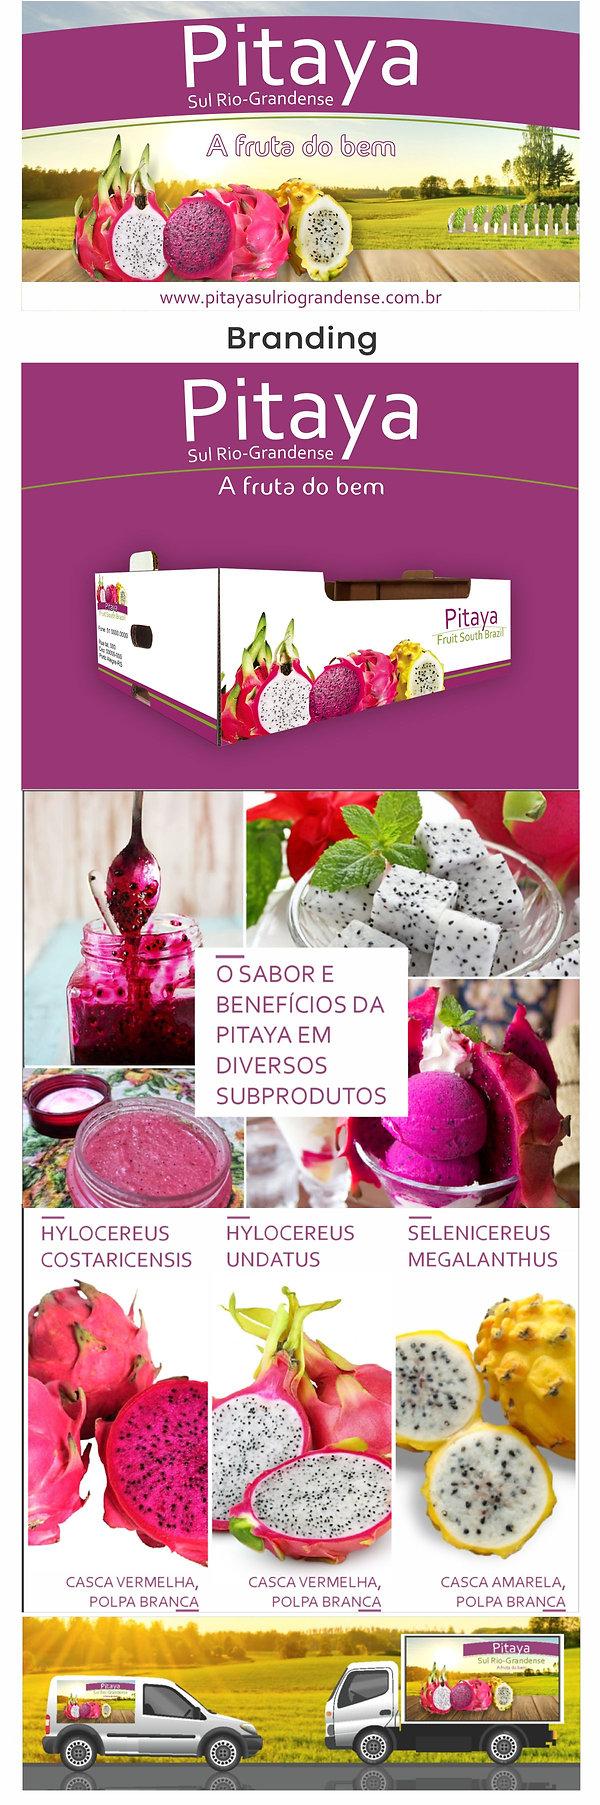 Pitaya - portfolio.jpg